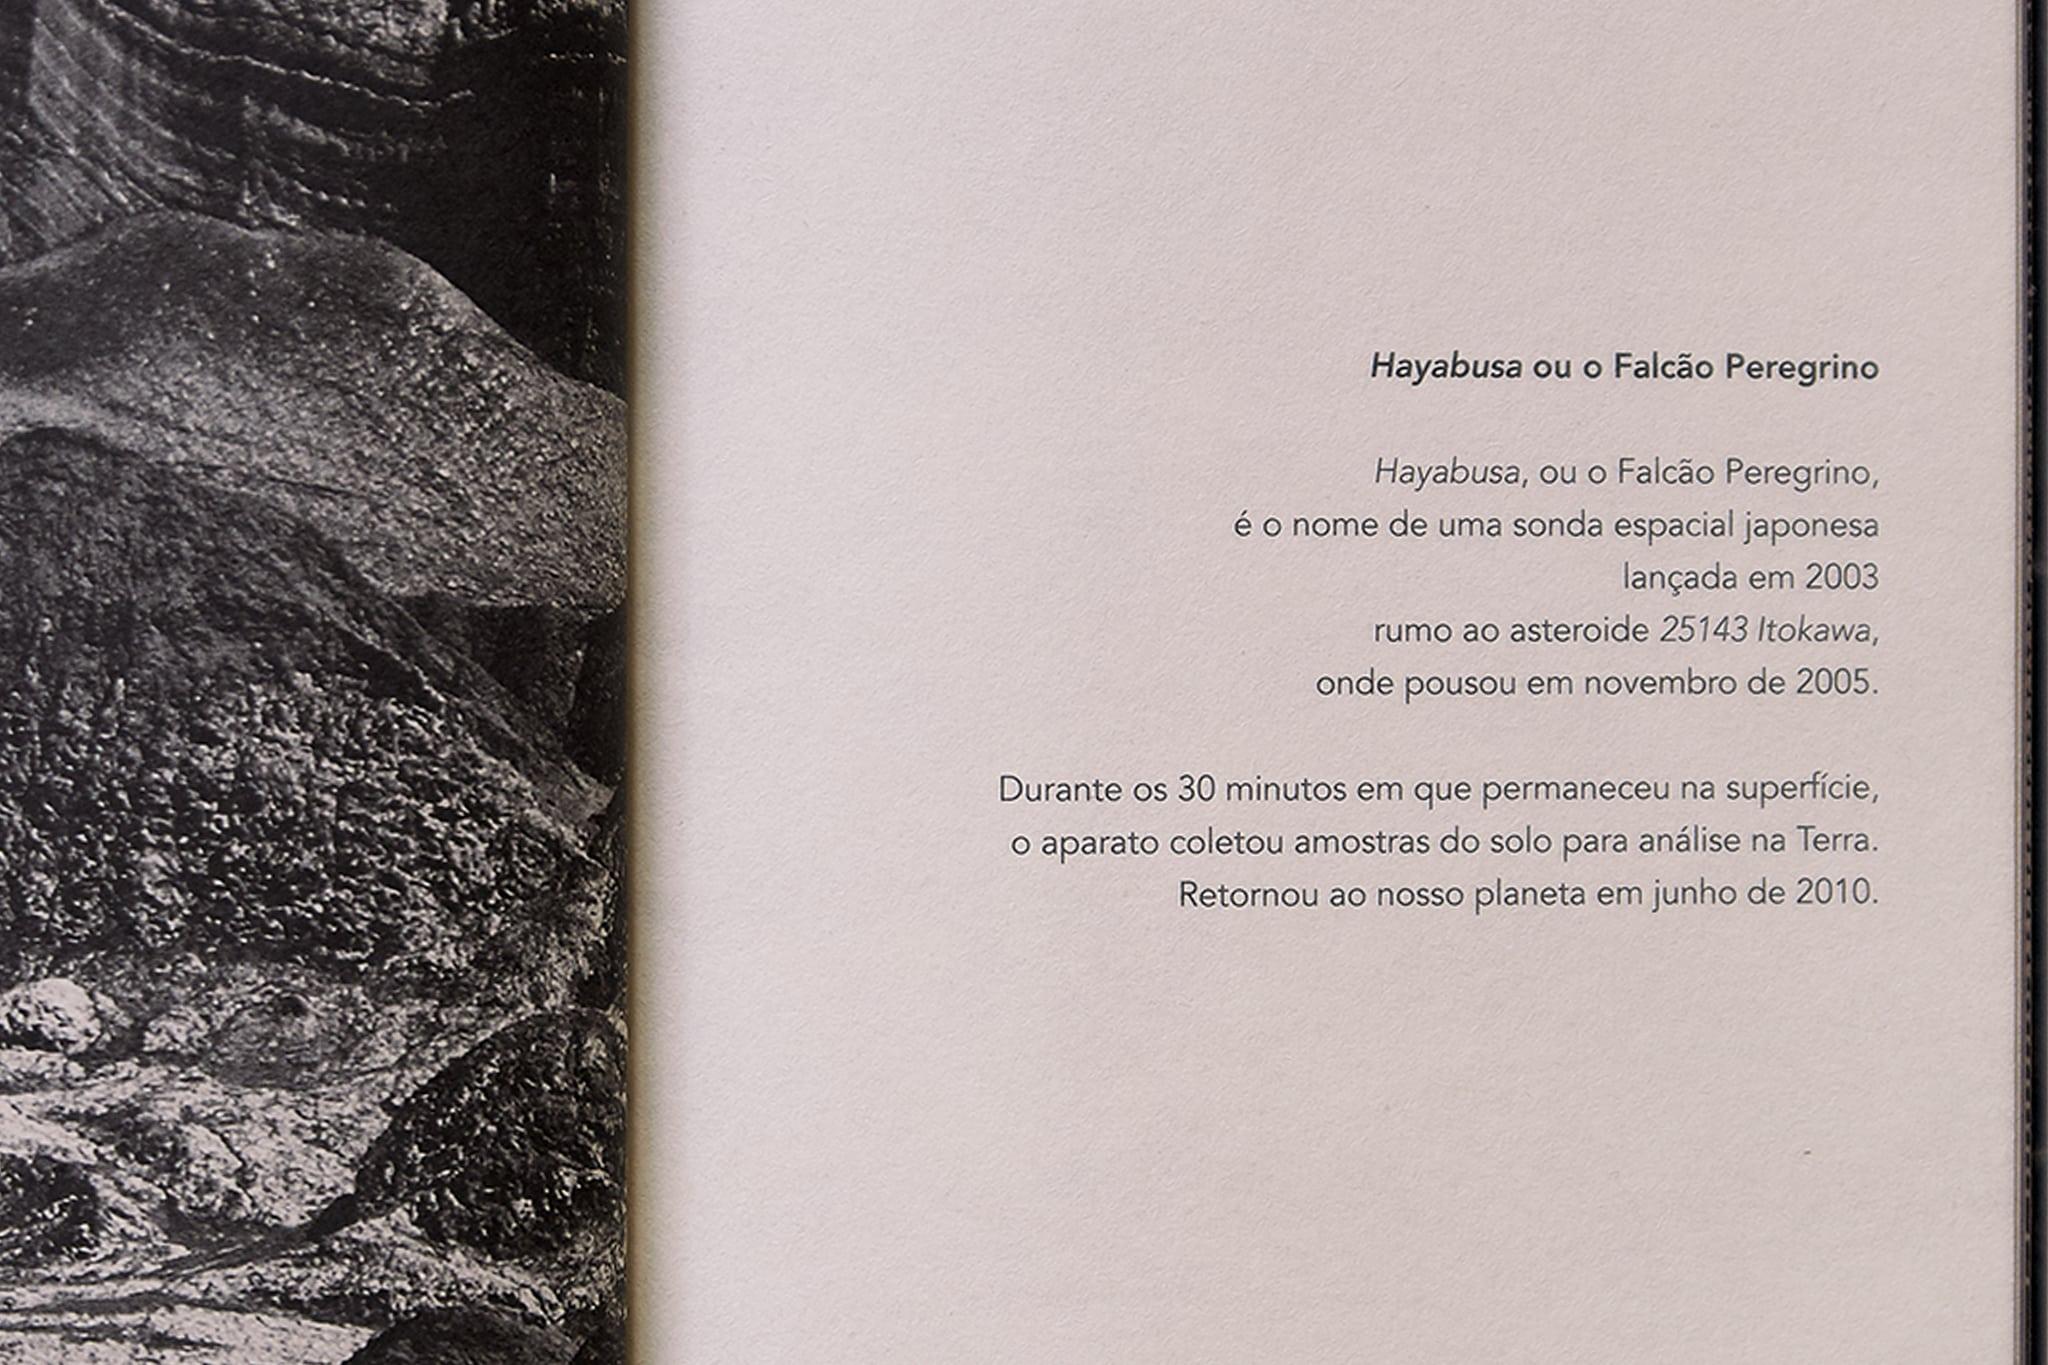 O Falcão Peregrino 5